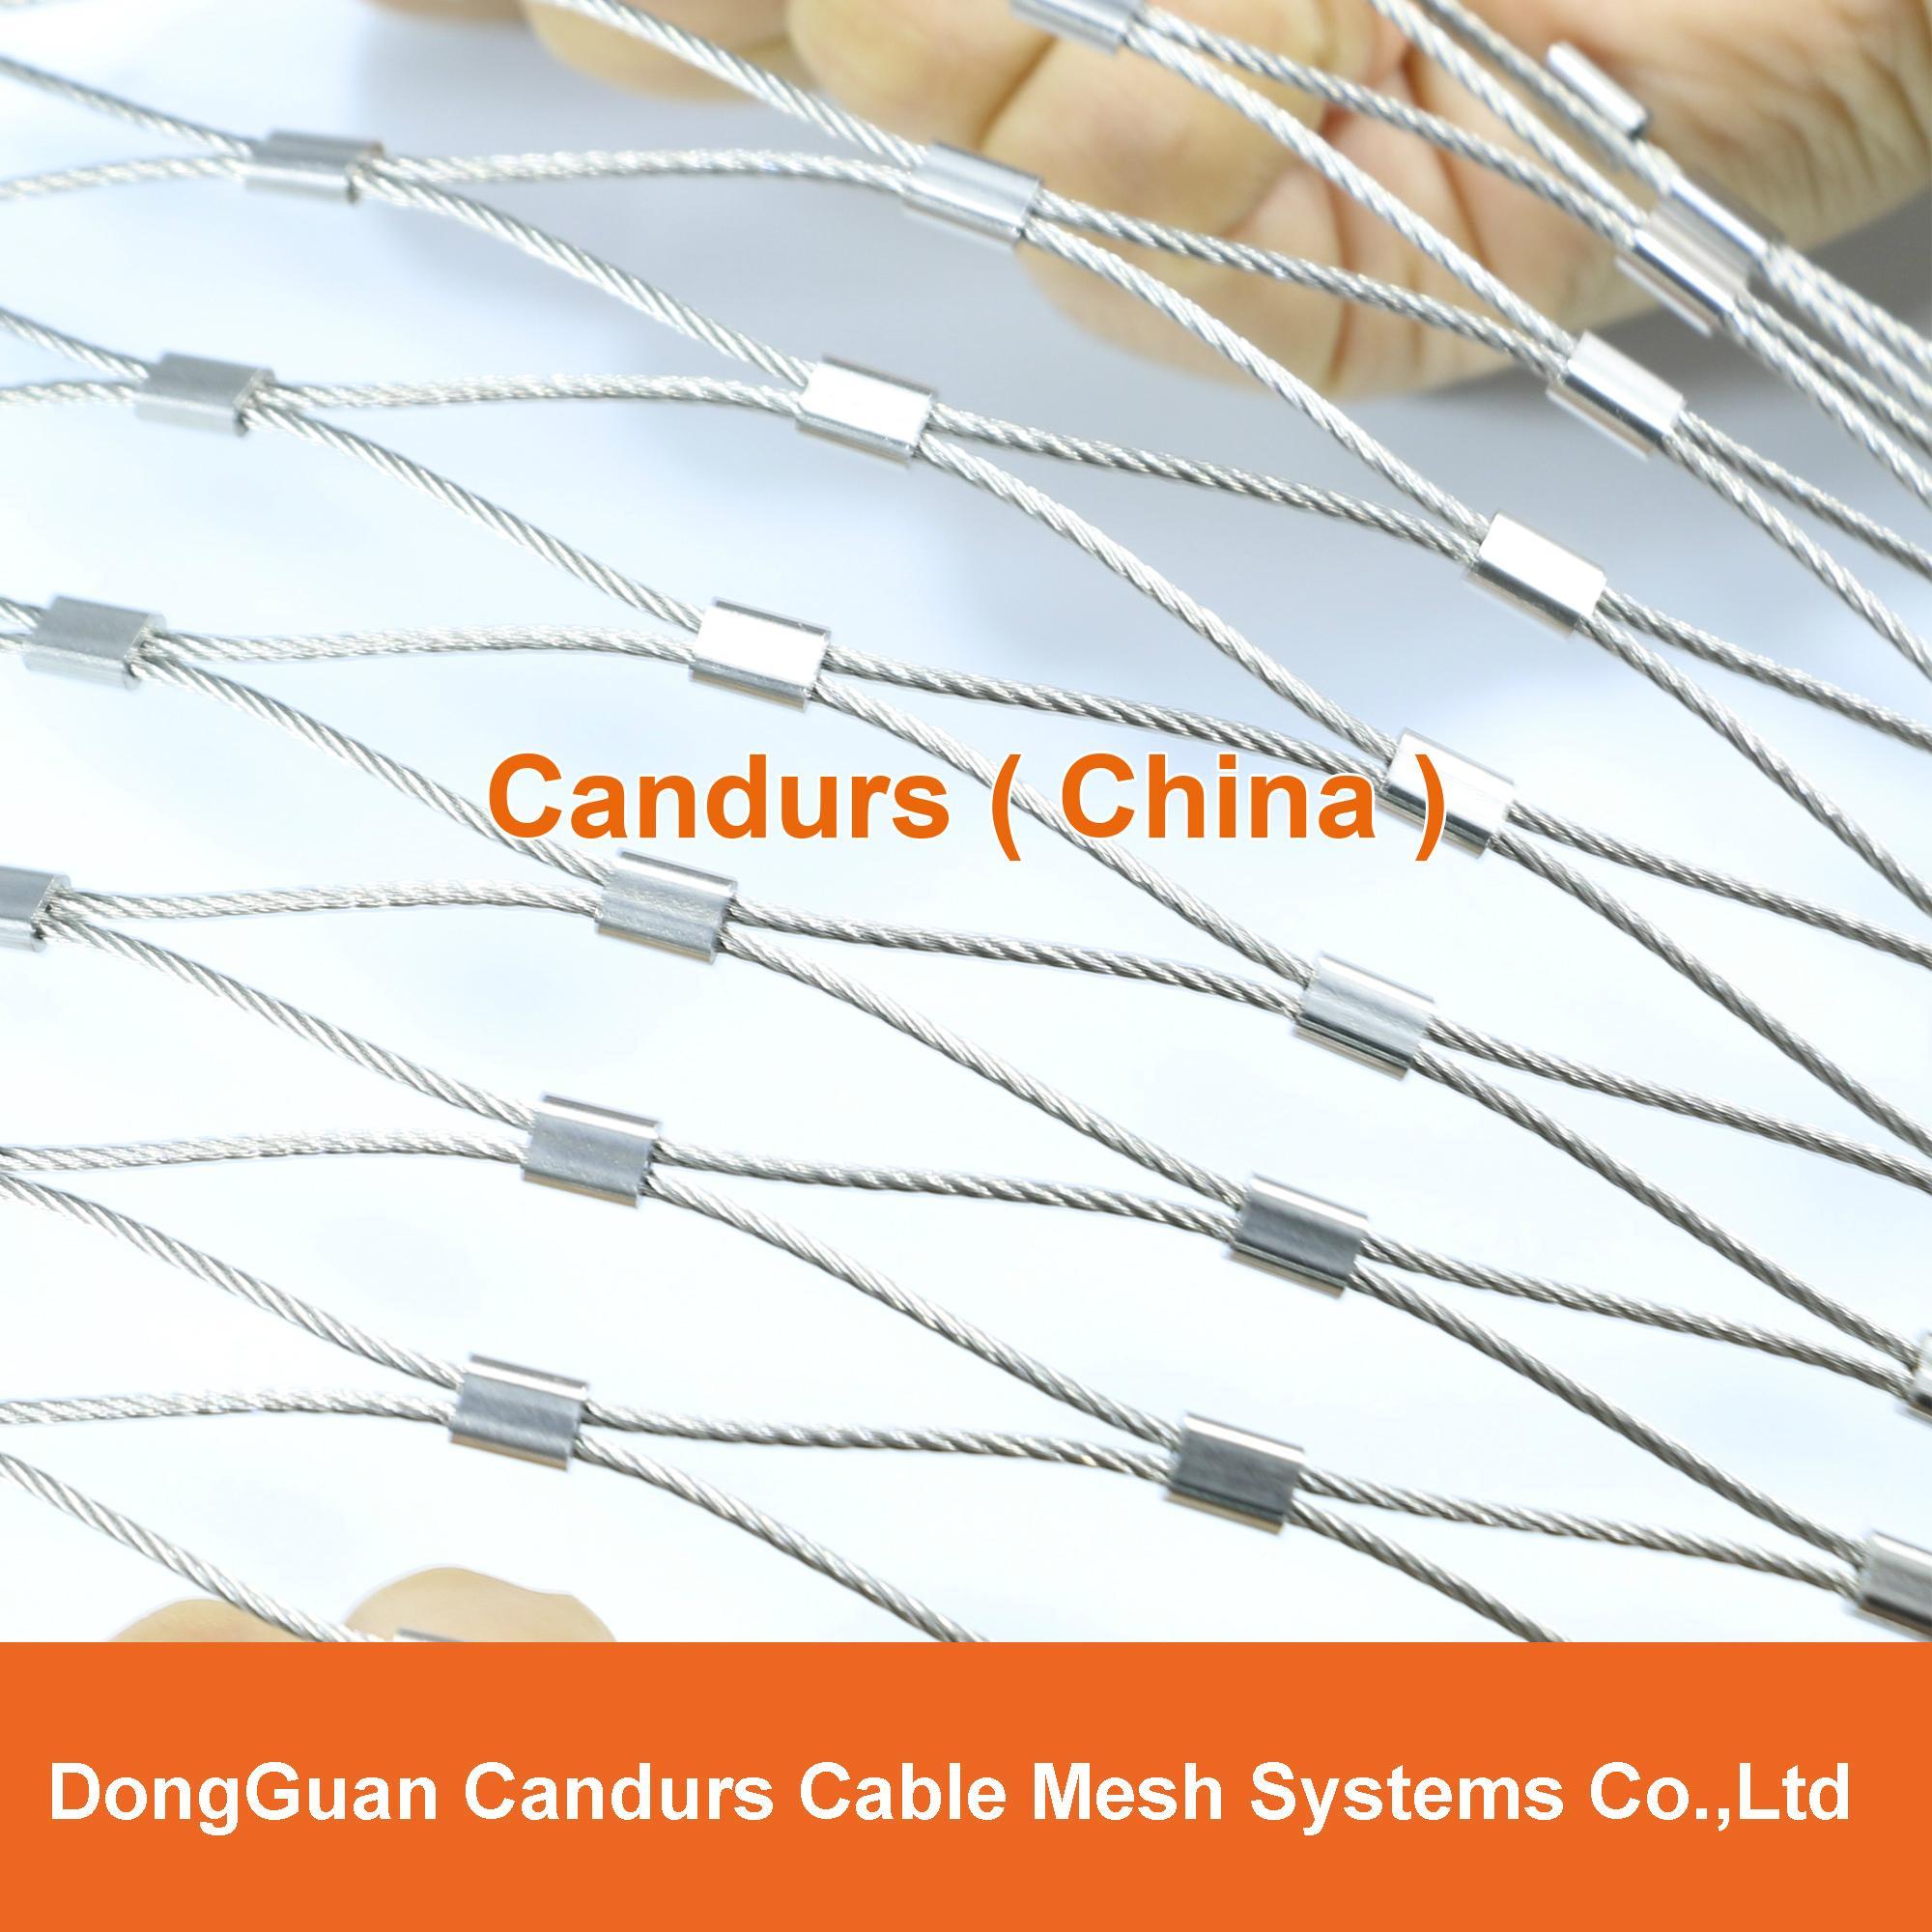 套環網-不鏽鋼絲繩套環網 19